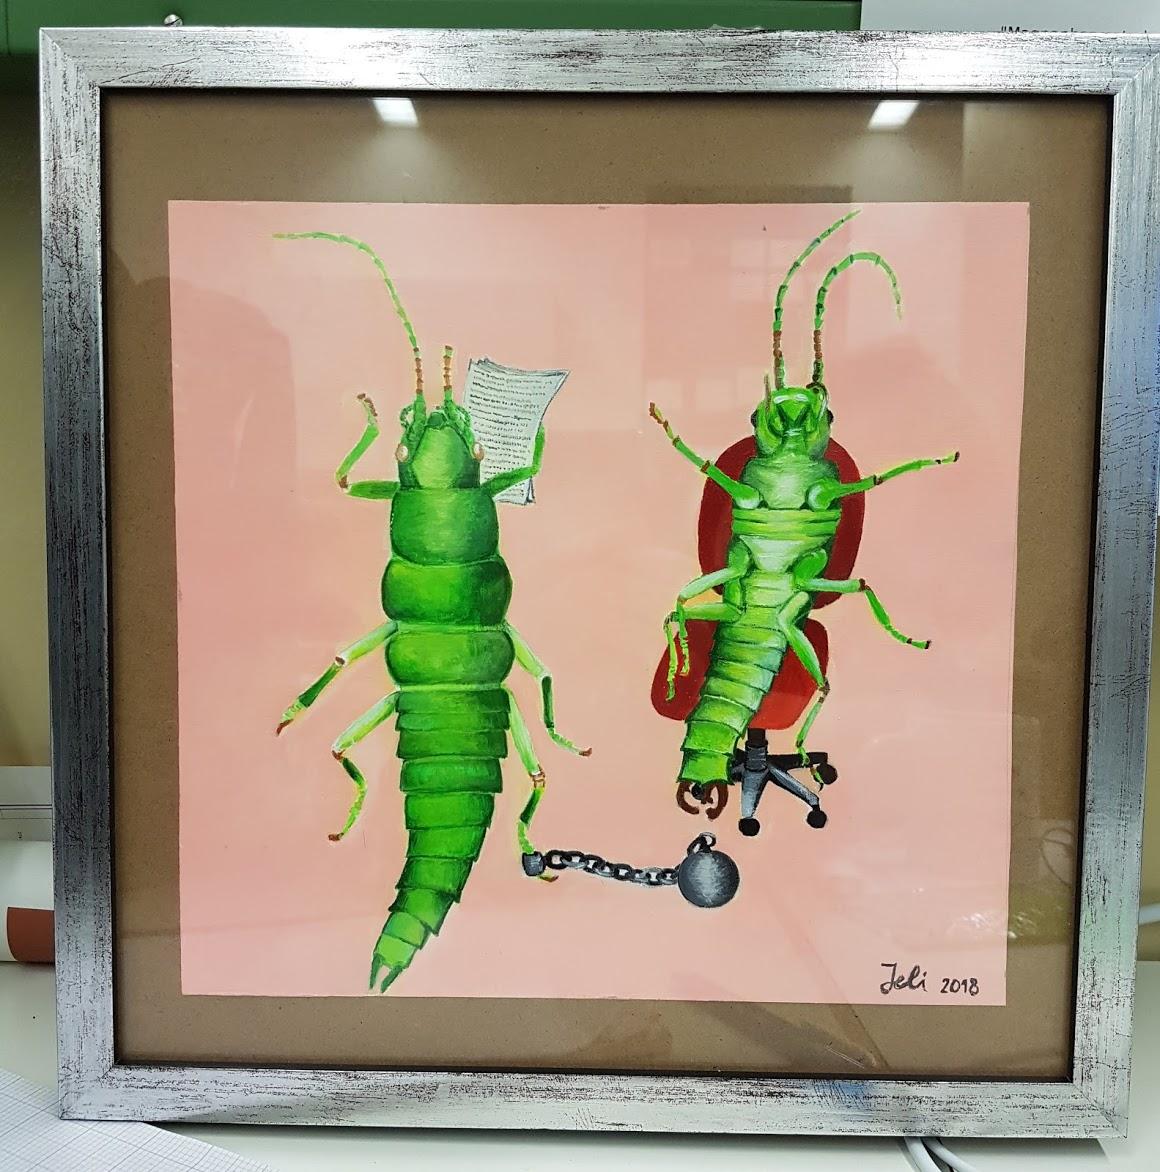 Jeli's painting